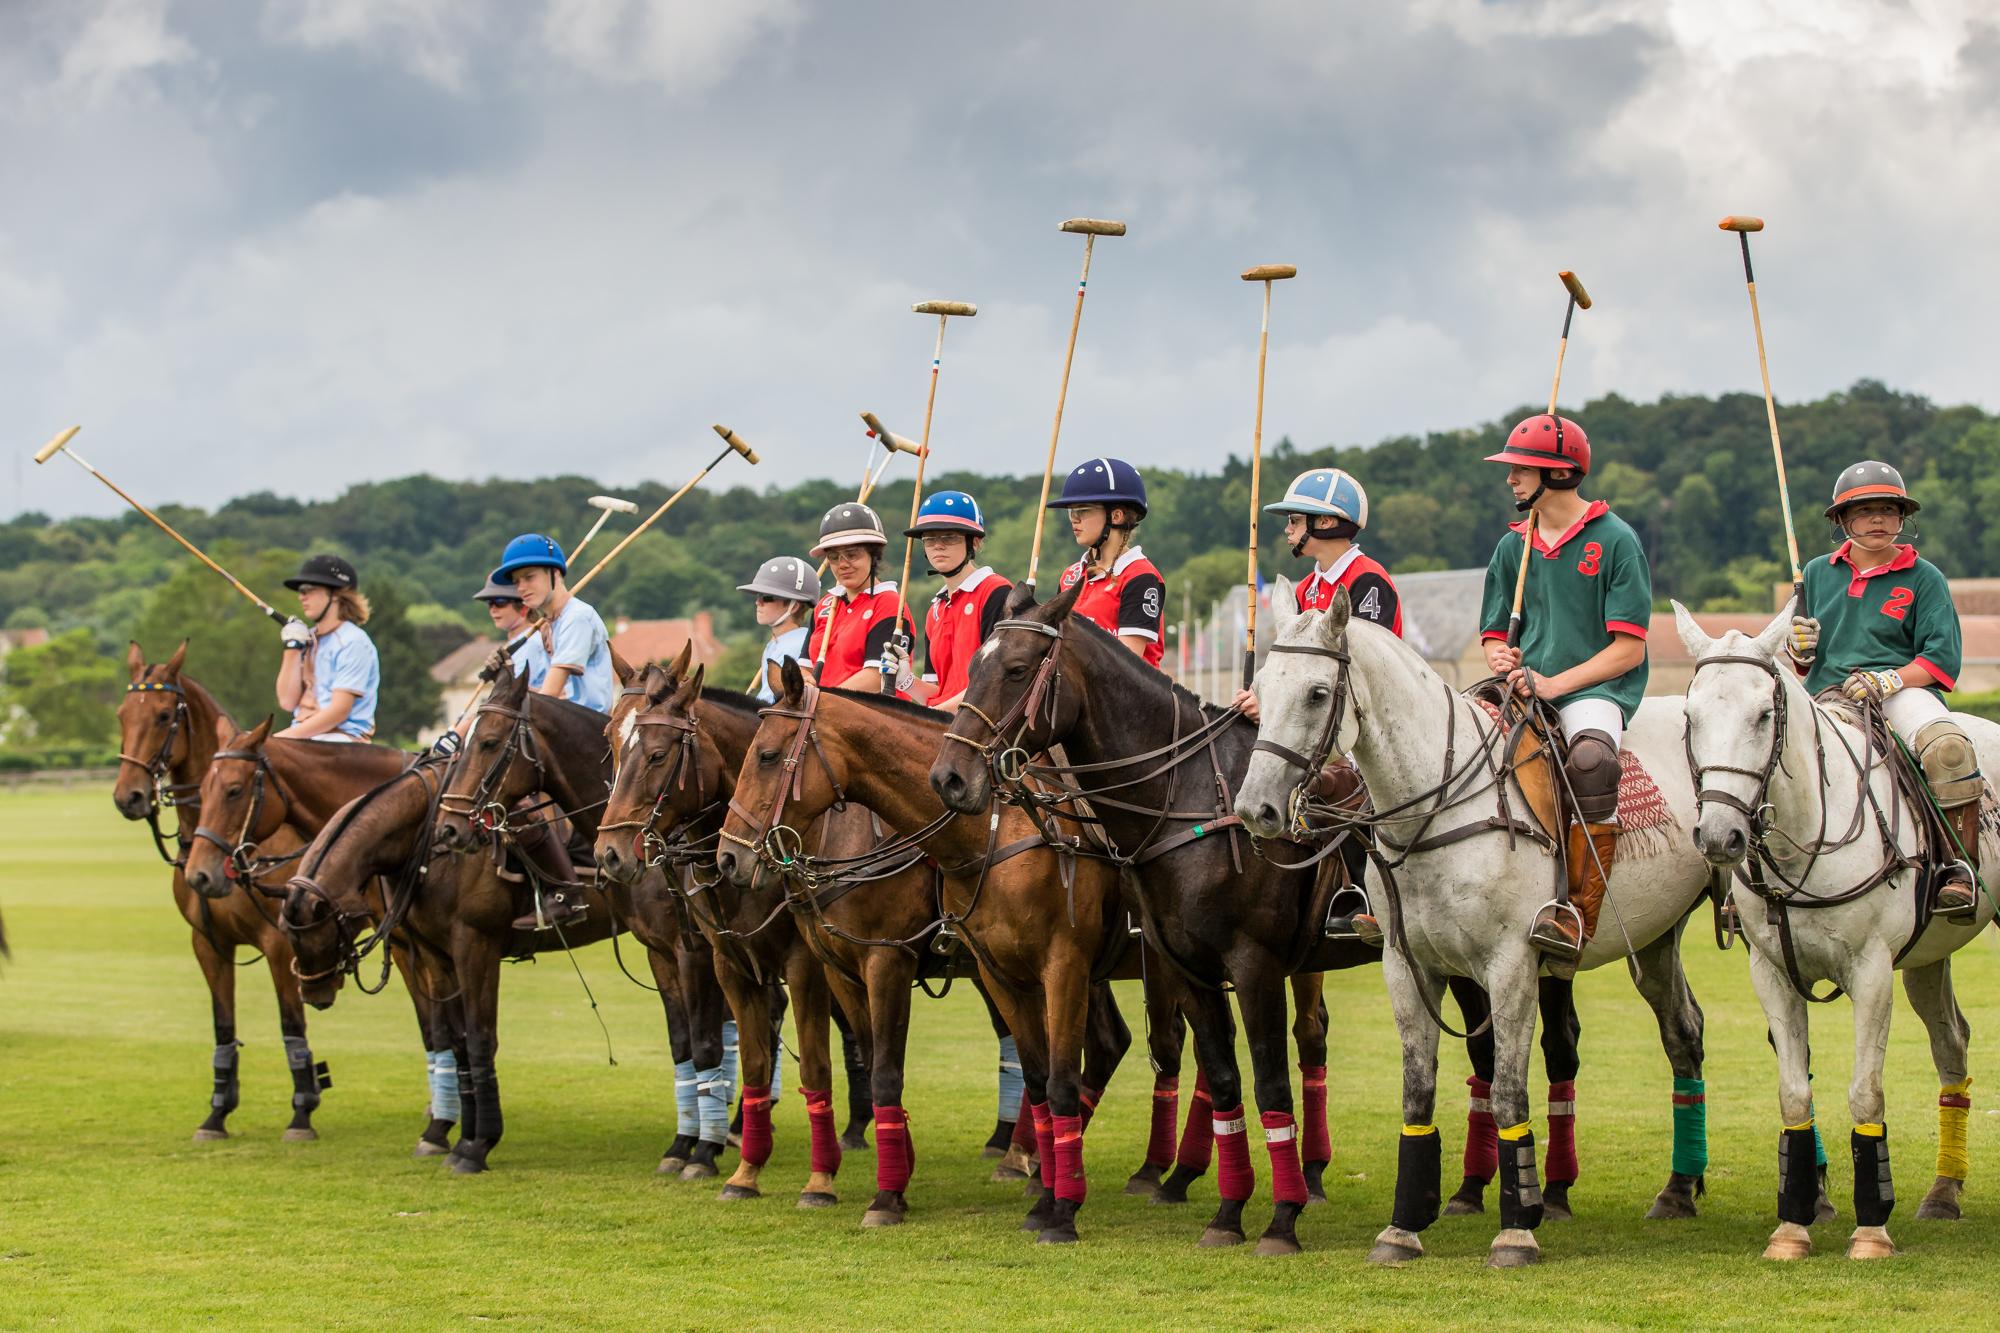 Cours collectifs au Polo Club du Domaine de Chantilly Group polo classes at Chantilly Polo Club